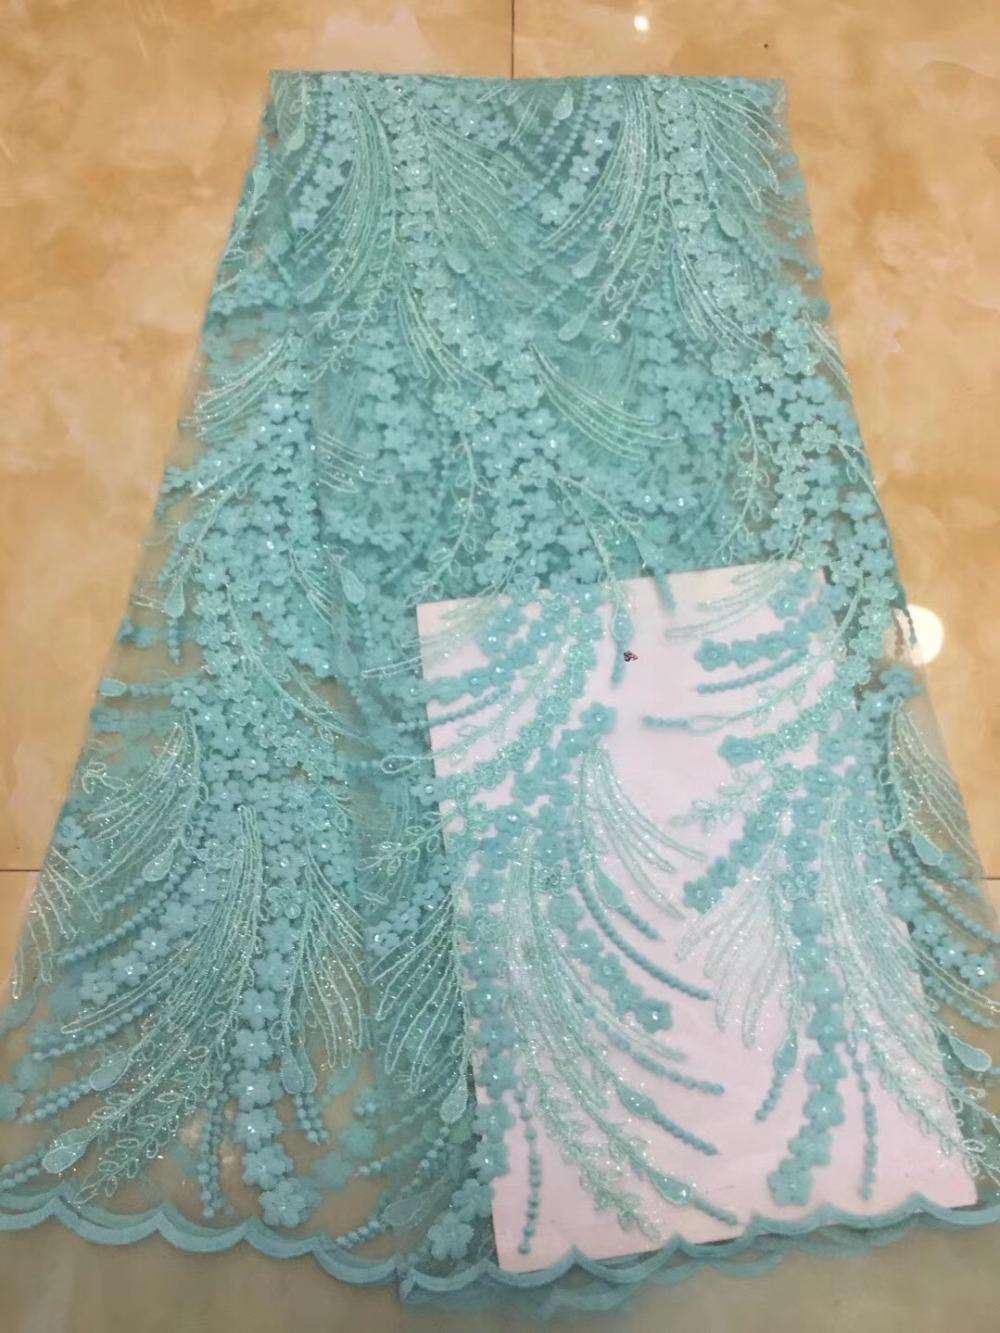 Tessuto di pizzo paillettes francese verde Teal, 5 yards Materiale africano del merletto di alta qualità per fare belle donne vestono!